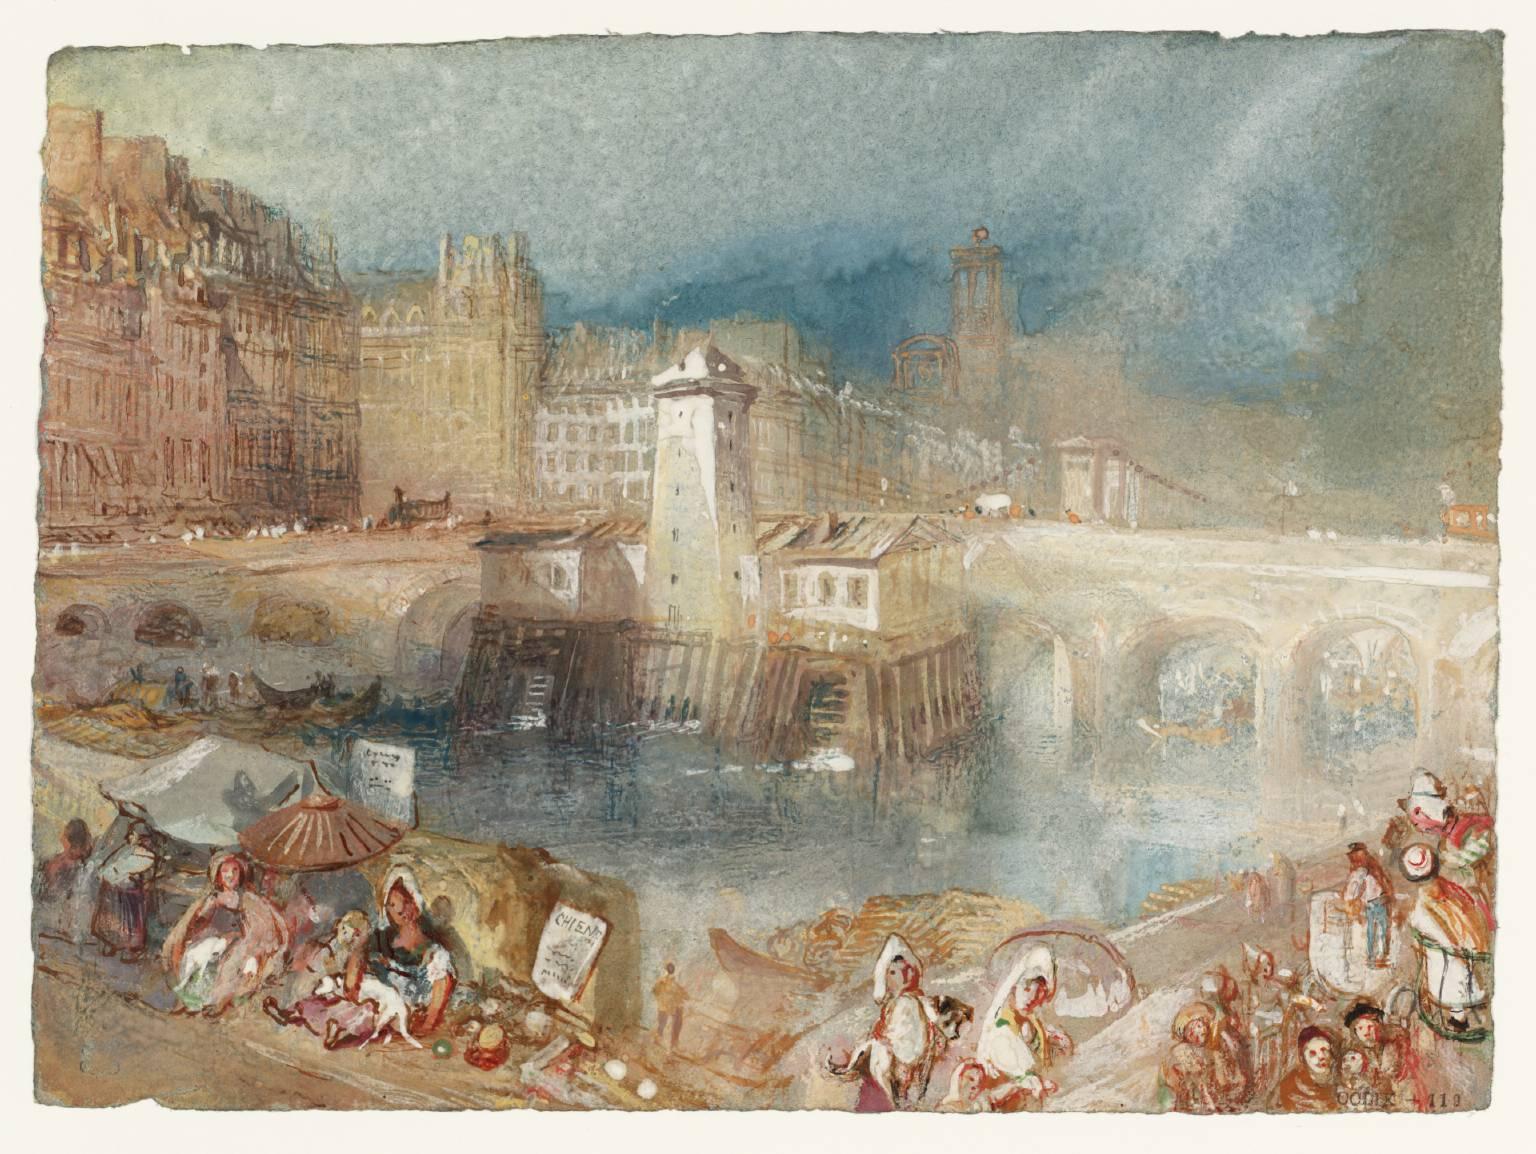 Hôtel de Ville and Pont d'Arcole c. 1833, Turner. Tate.